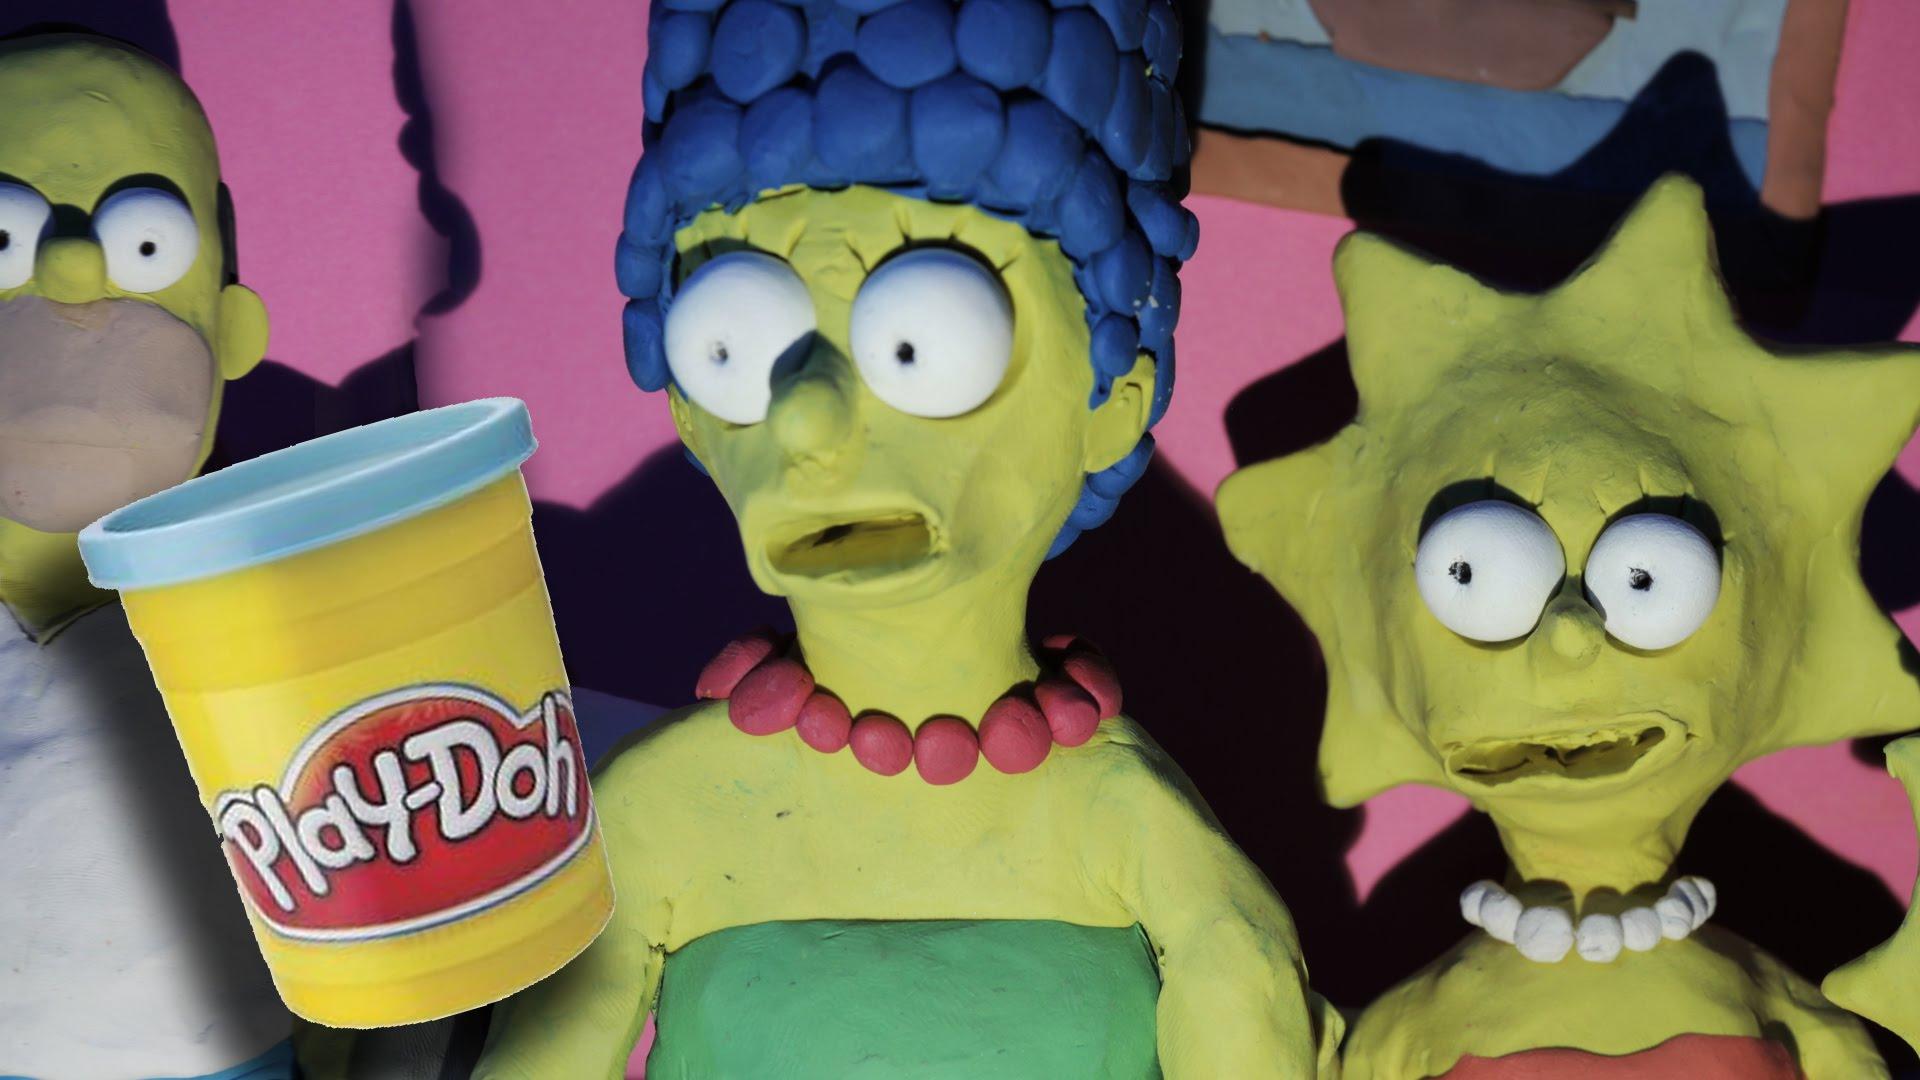 Lee Hardcastle hat einen sehr, sehr blutigen Simpsons-Couch-Gag geknetet (NSFW – GORE)